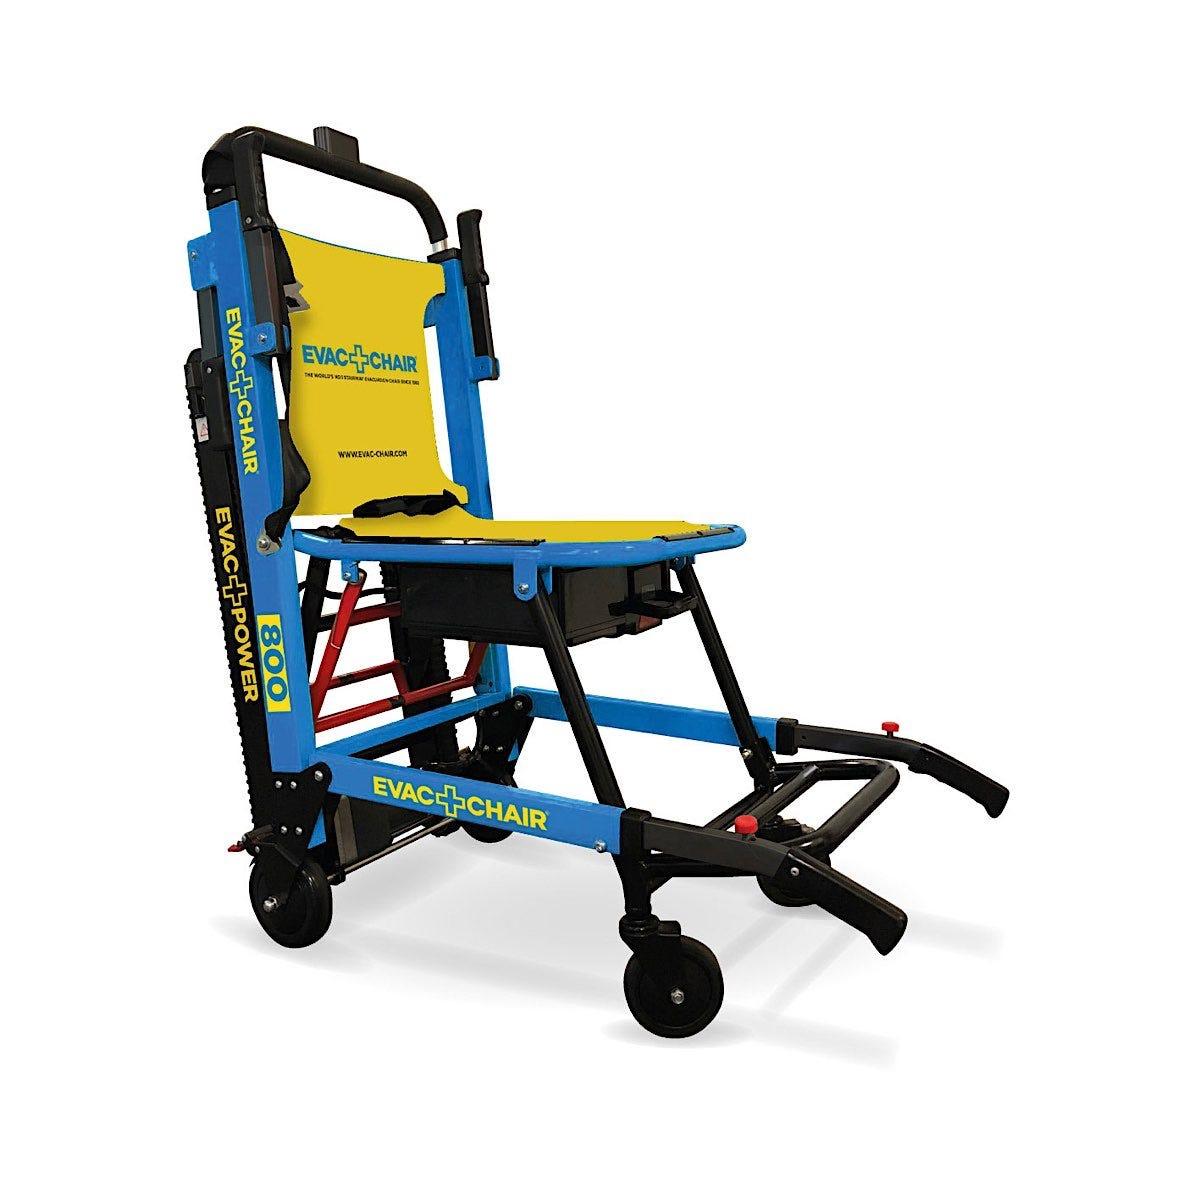 Evac+Chair Power 800